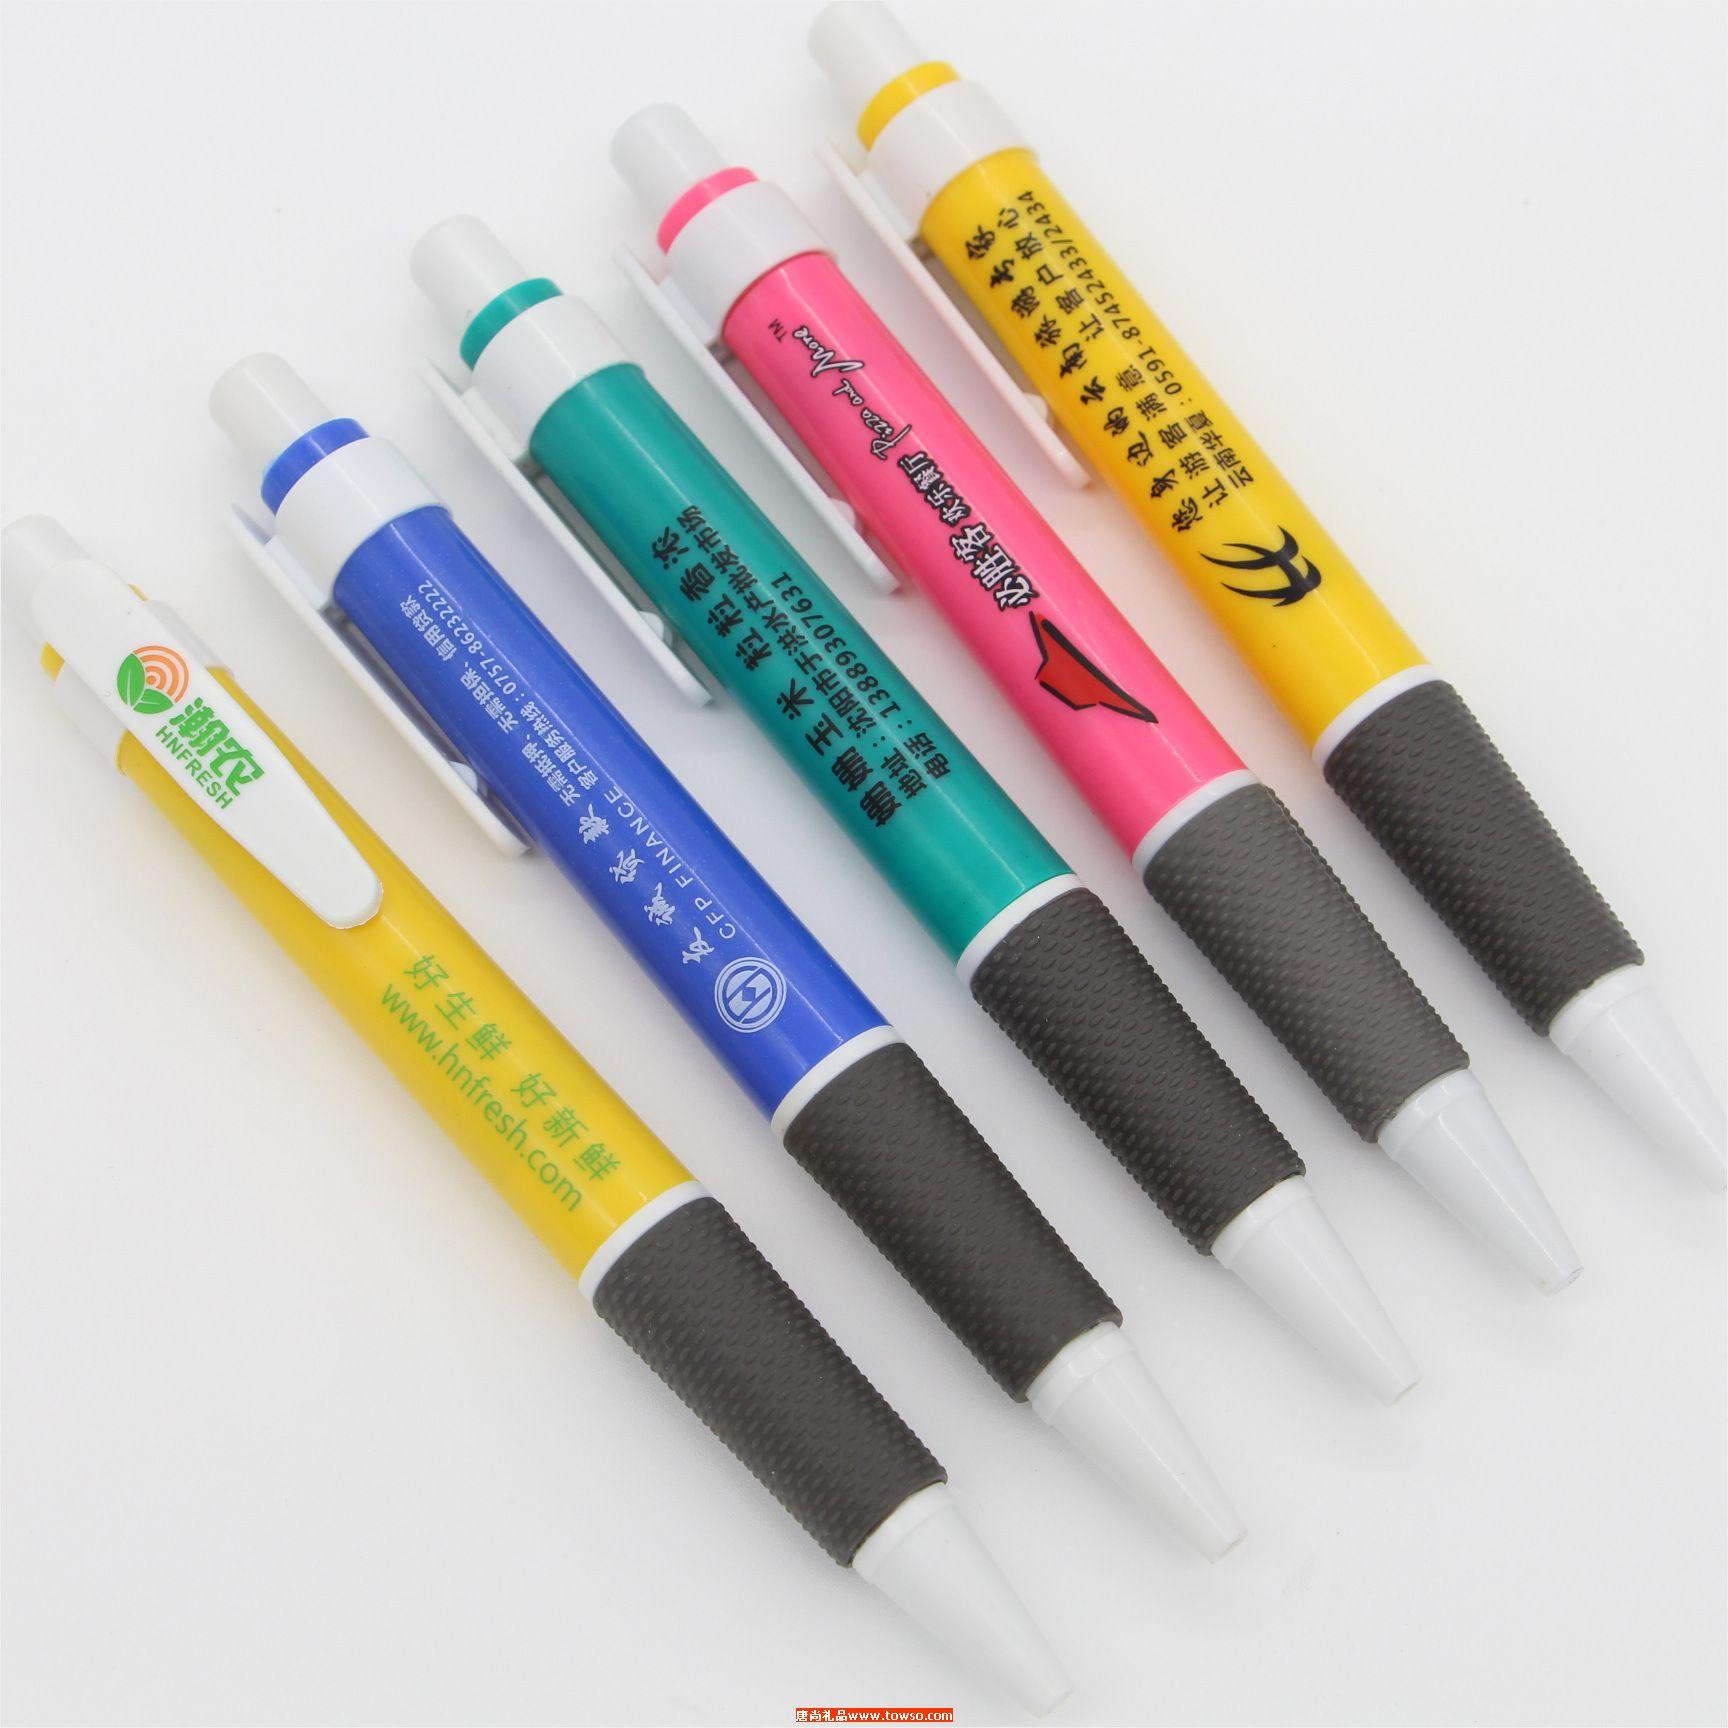 广告笔定制印刷logo按动塑料广告笔